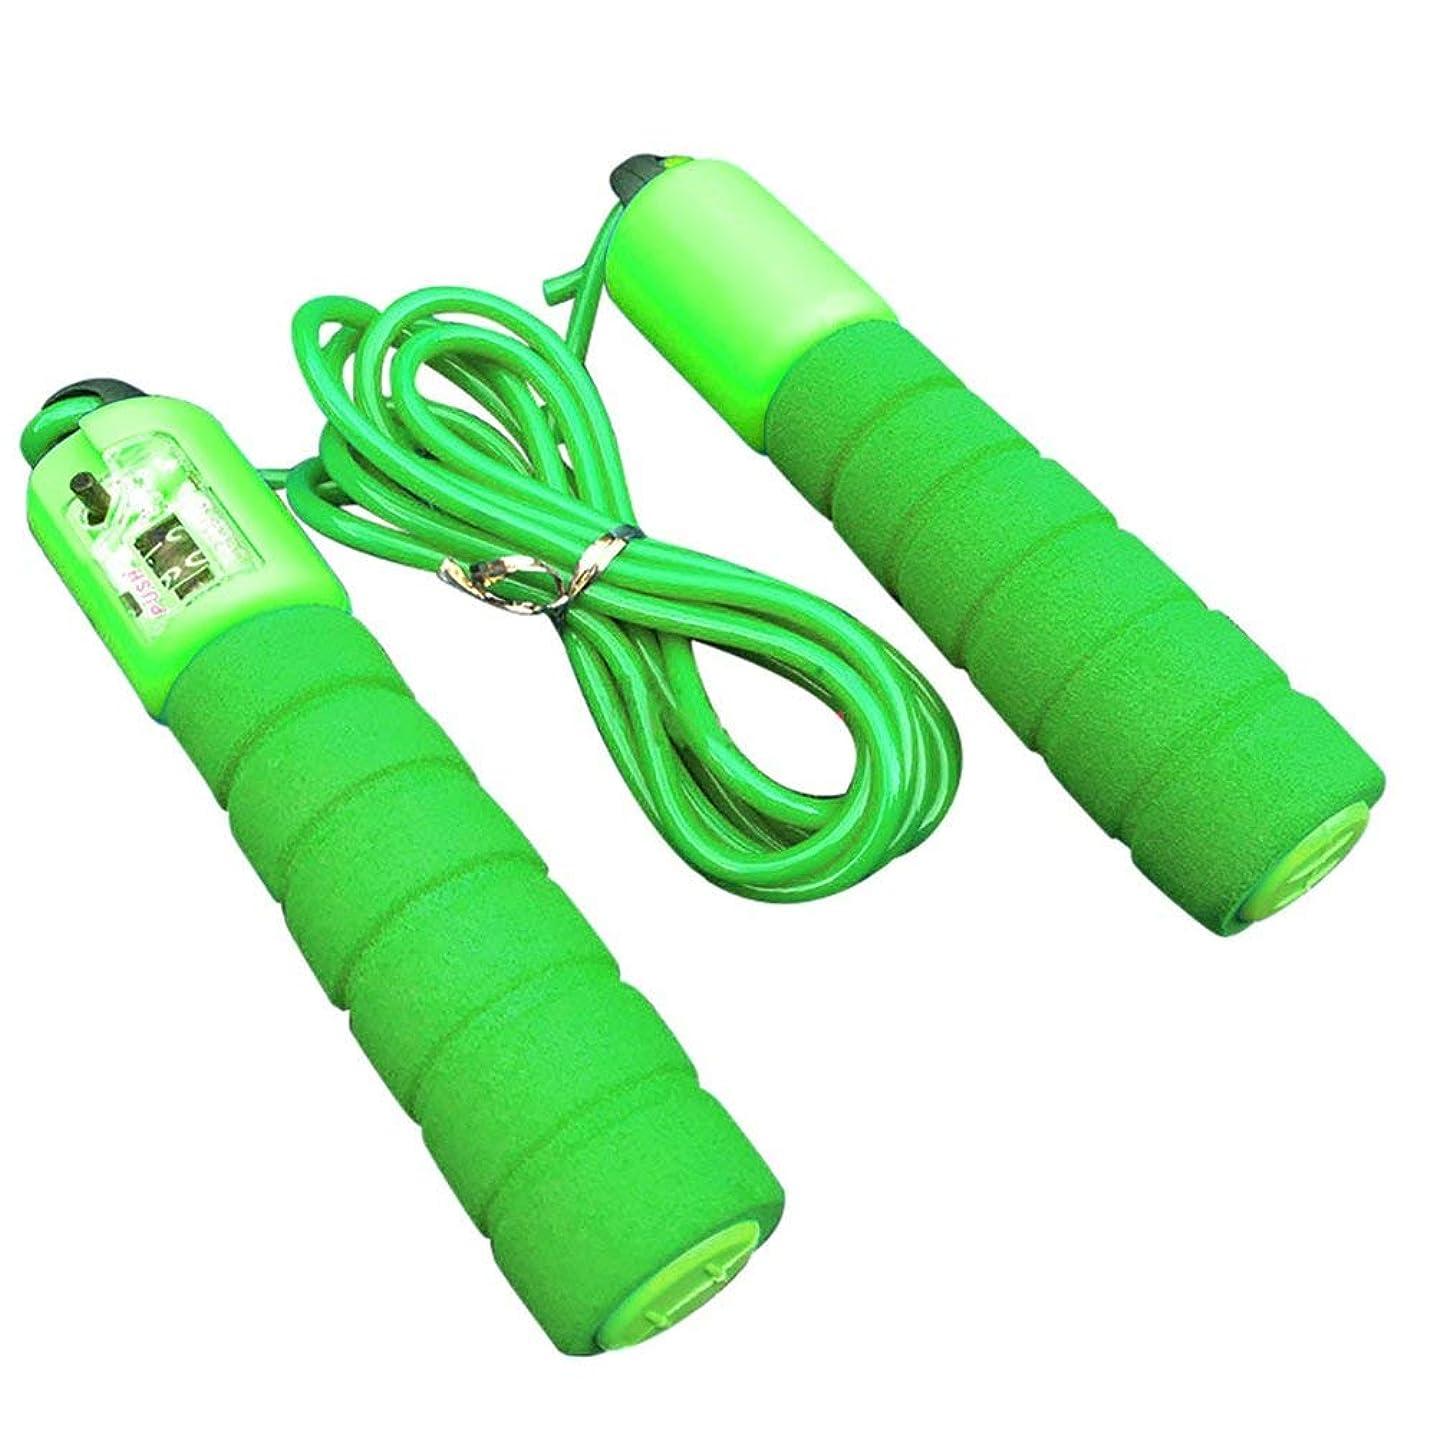 石膏メドレー報いる調節可能なプロフェッショナルカウント縄跳び自動カウントジャンプロープフィットネス運動高速カウントジャンプロープ - グリーン